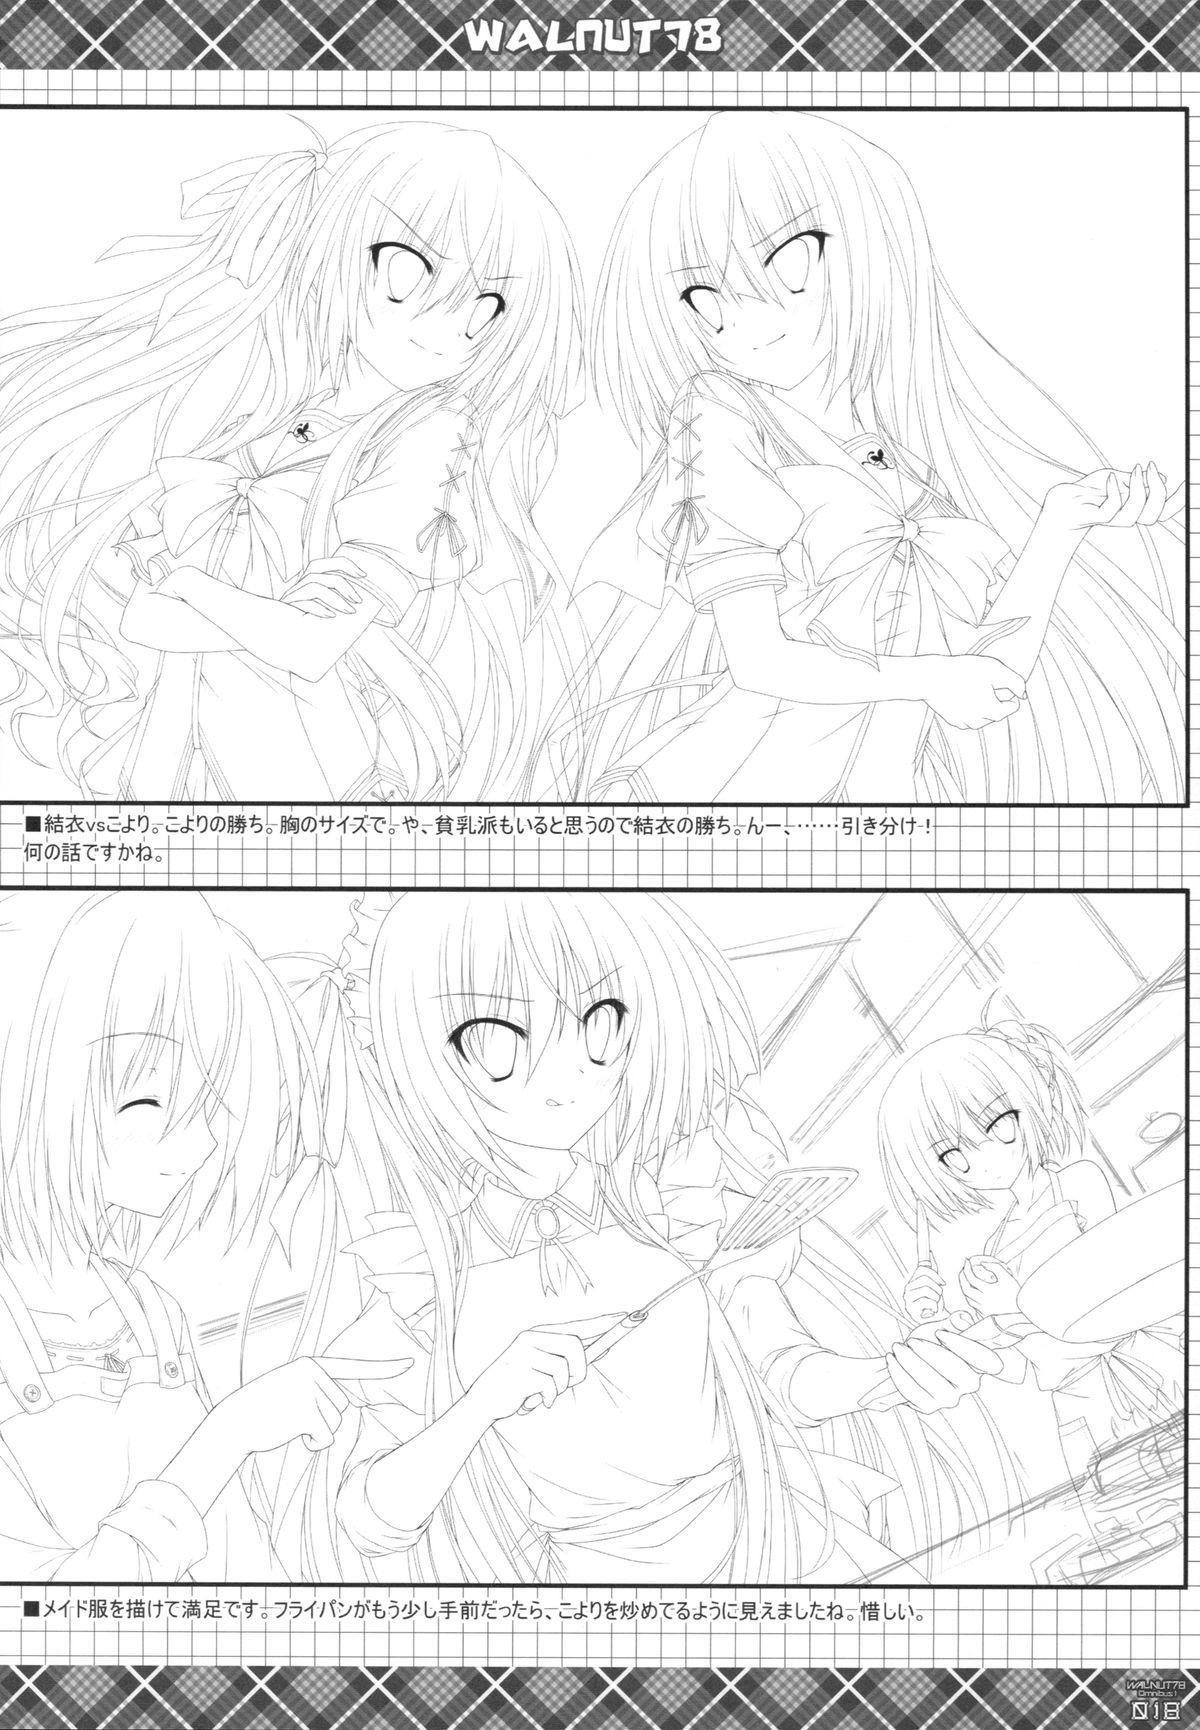 (C89) [Sui-en (Sui-en)] WALNUT78 Omnibus 1 -Suien-en Illustrations 2012-2014- (Various) 15